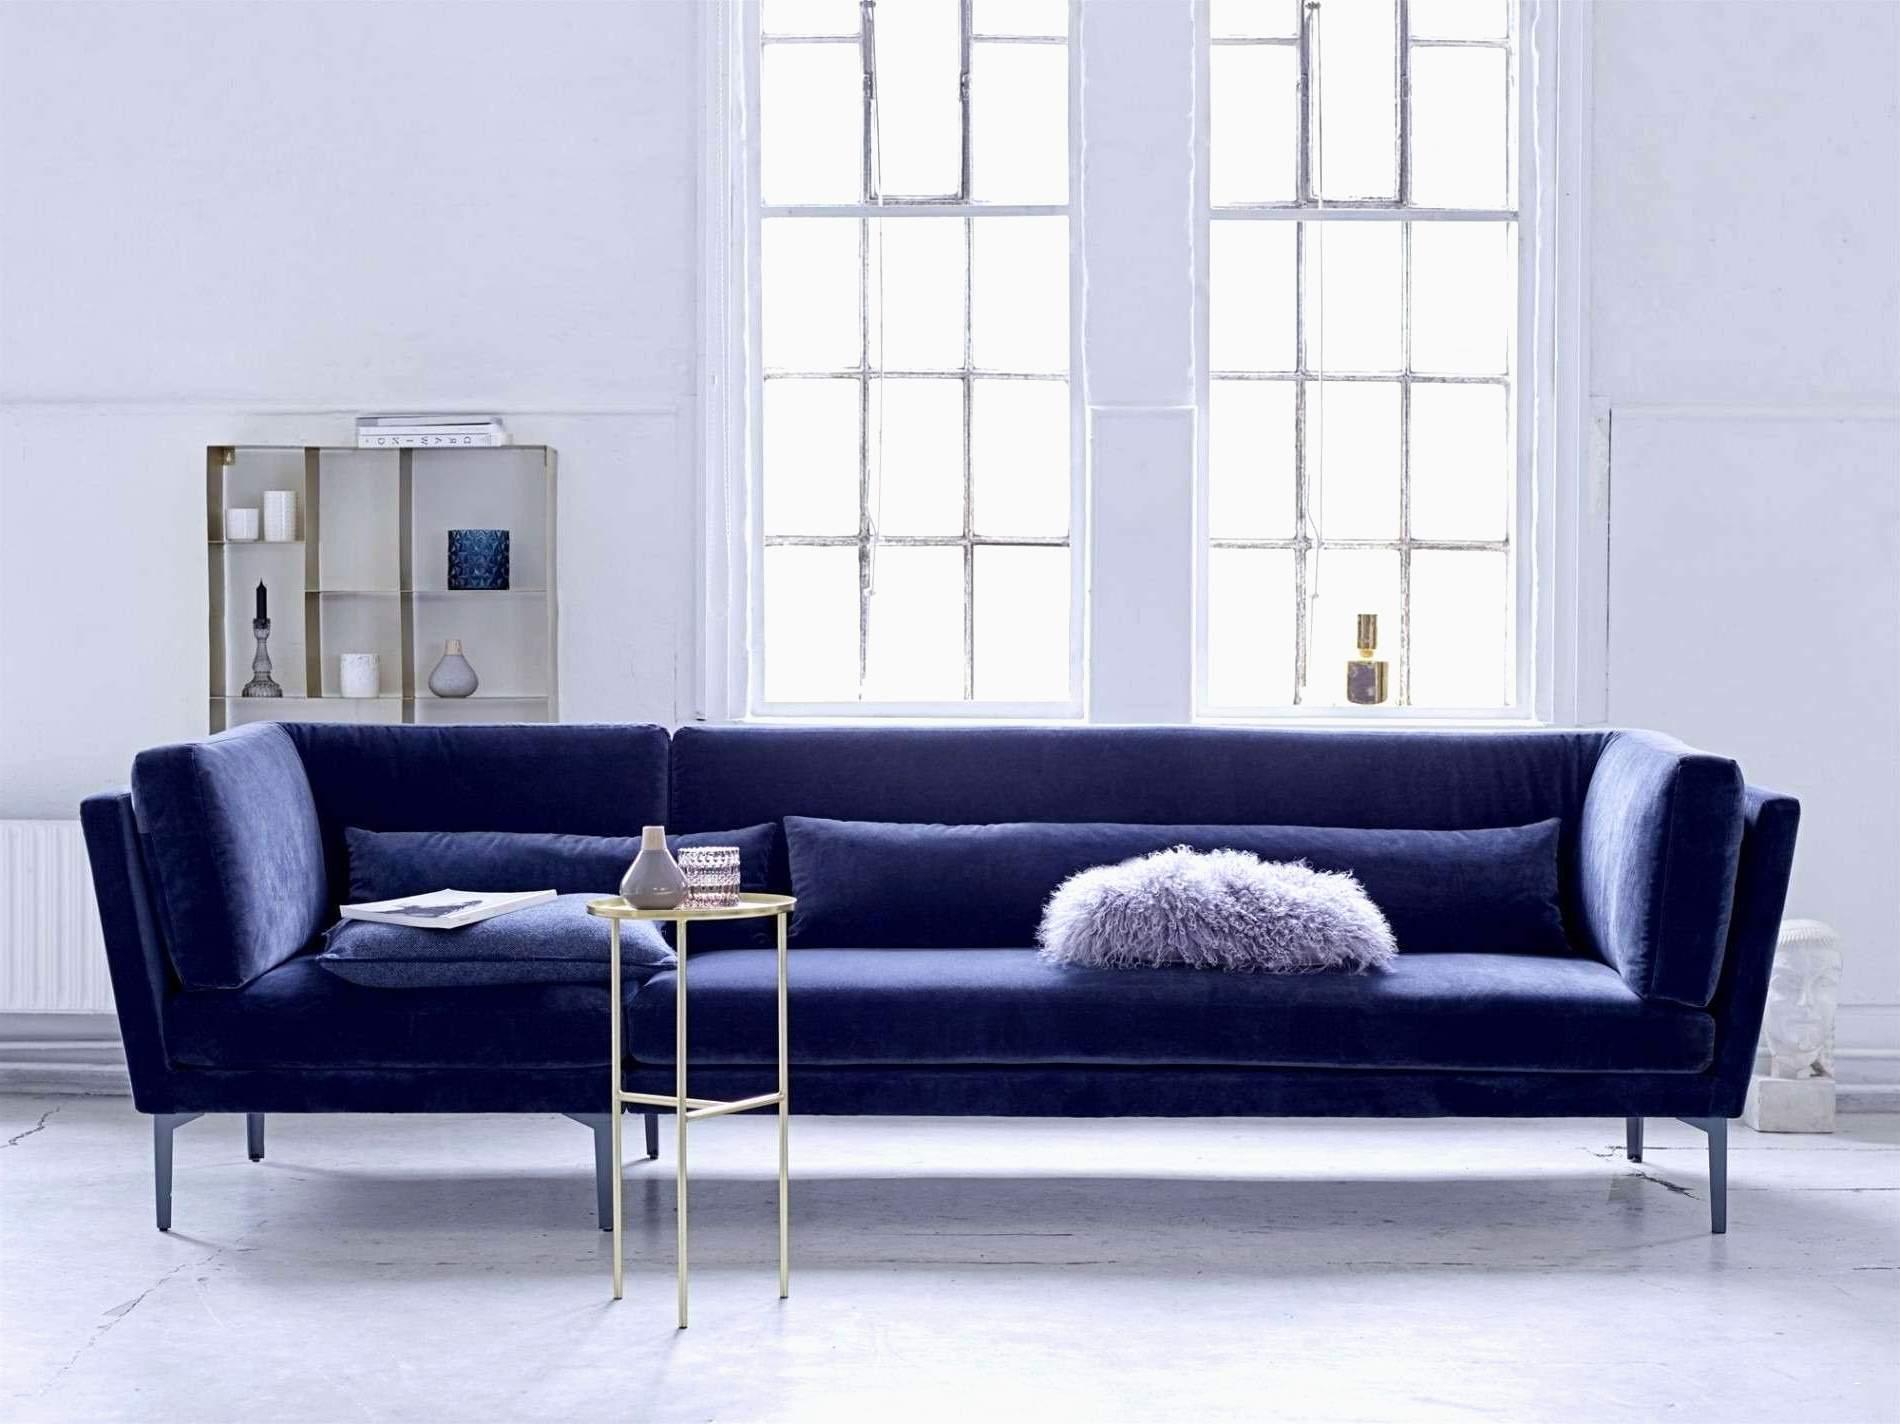 rattan sofa wohnzimmer das beste von joop wohnzimmer konzept tipps von experten of rattan sofa wohnzimmer